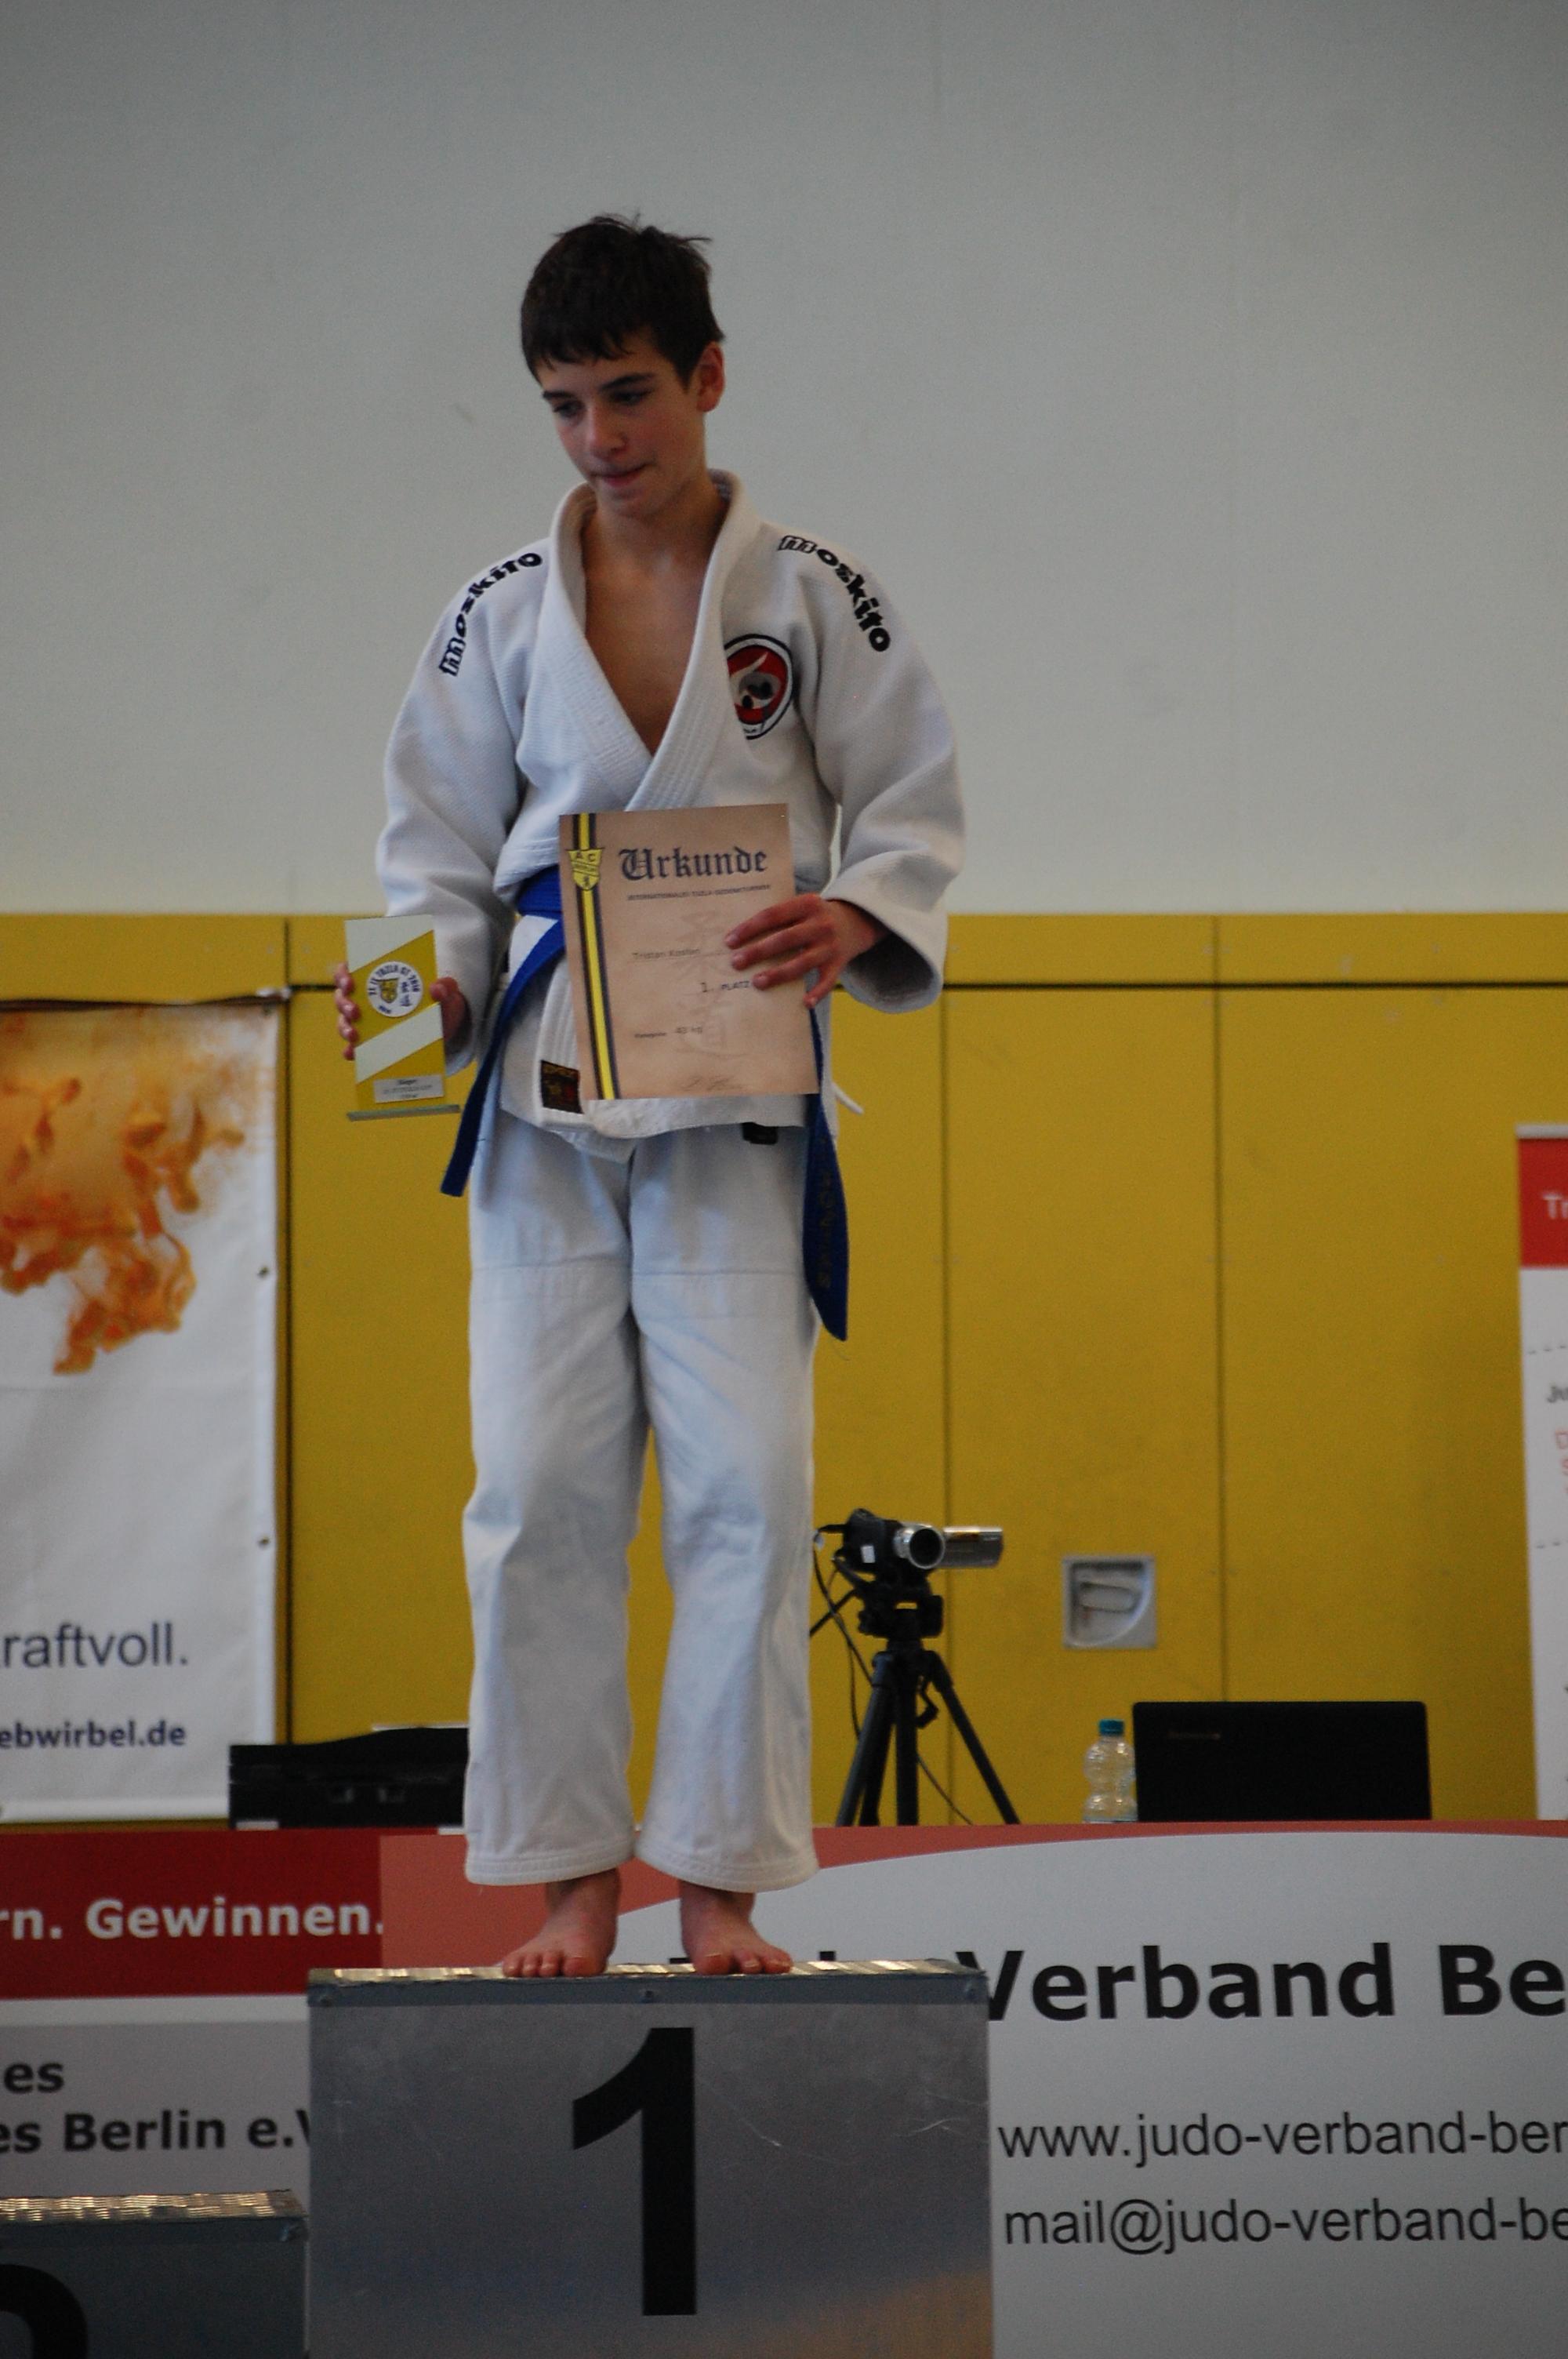 gewinnen im judo